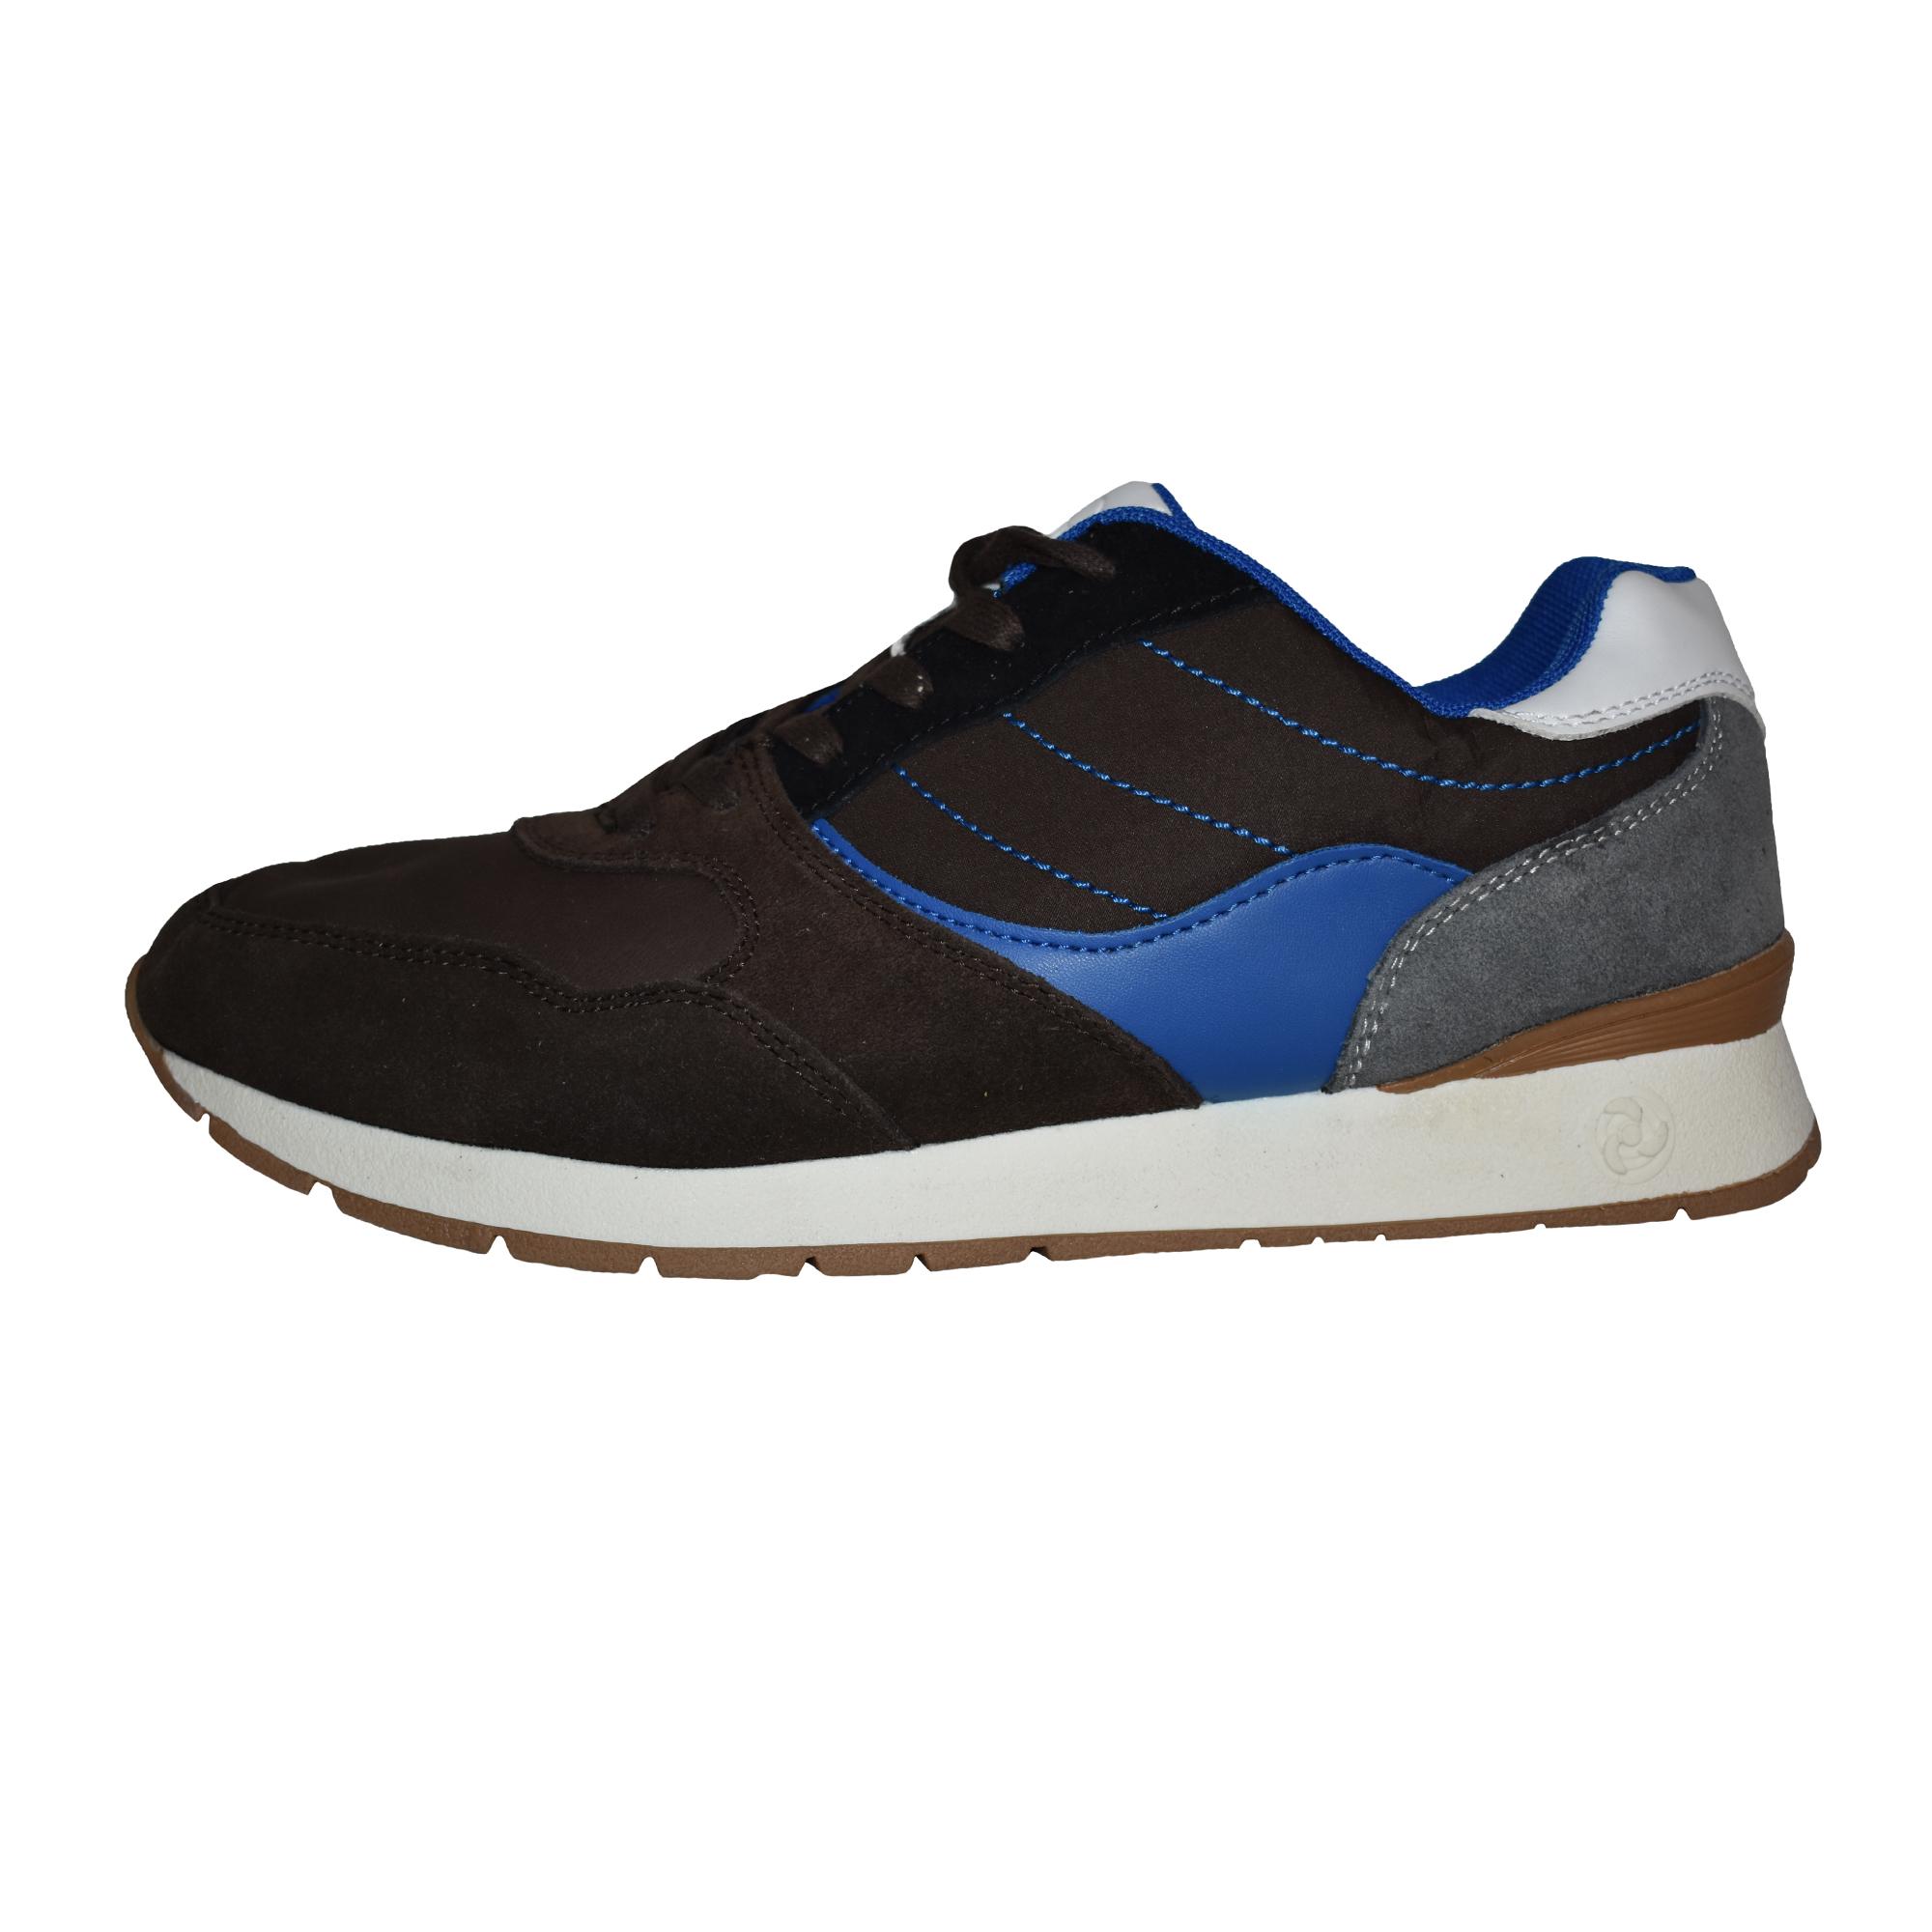 کفش پیاده روی مردانه لیورجی مدل liv0088